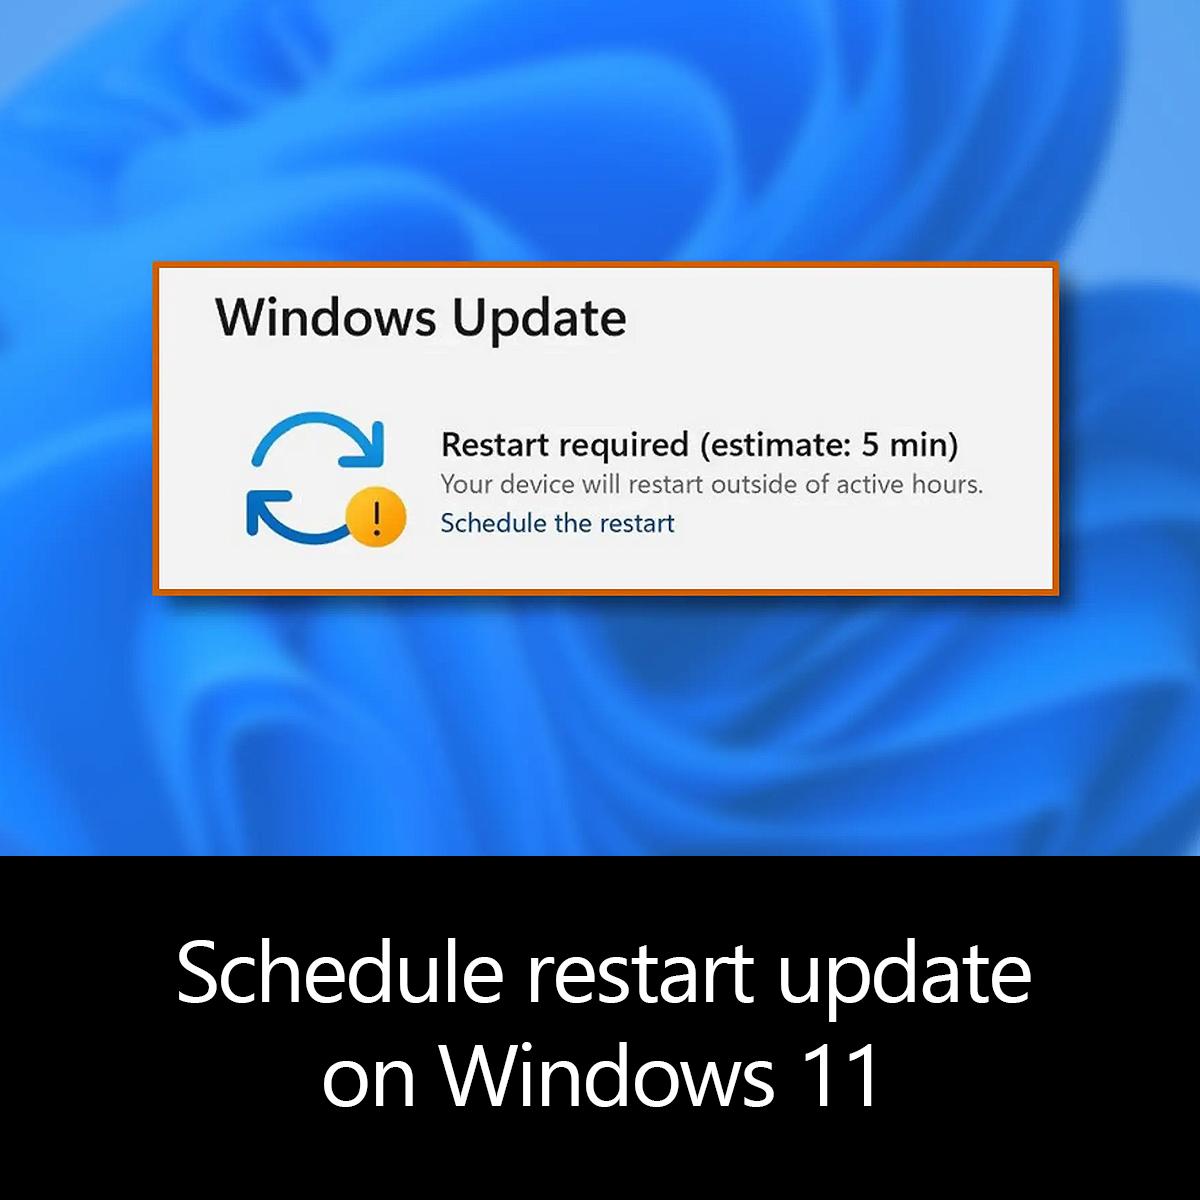 Schedule restart update on Windows 11